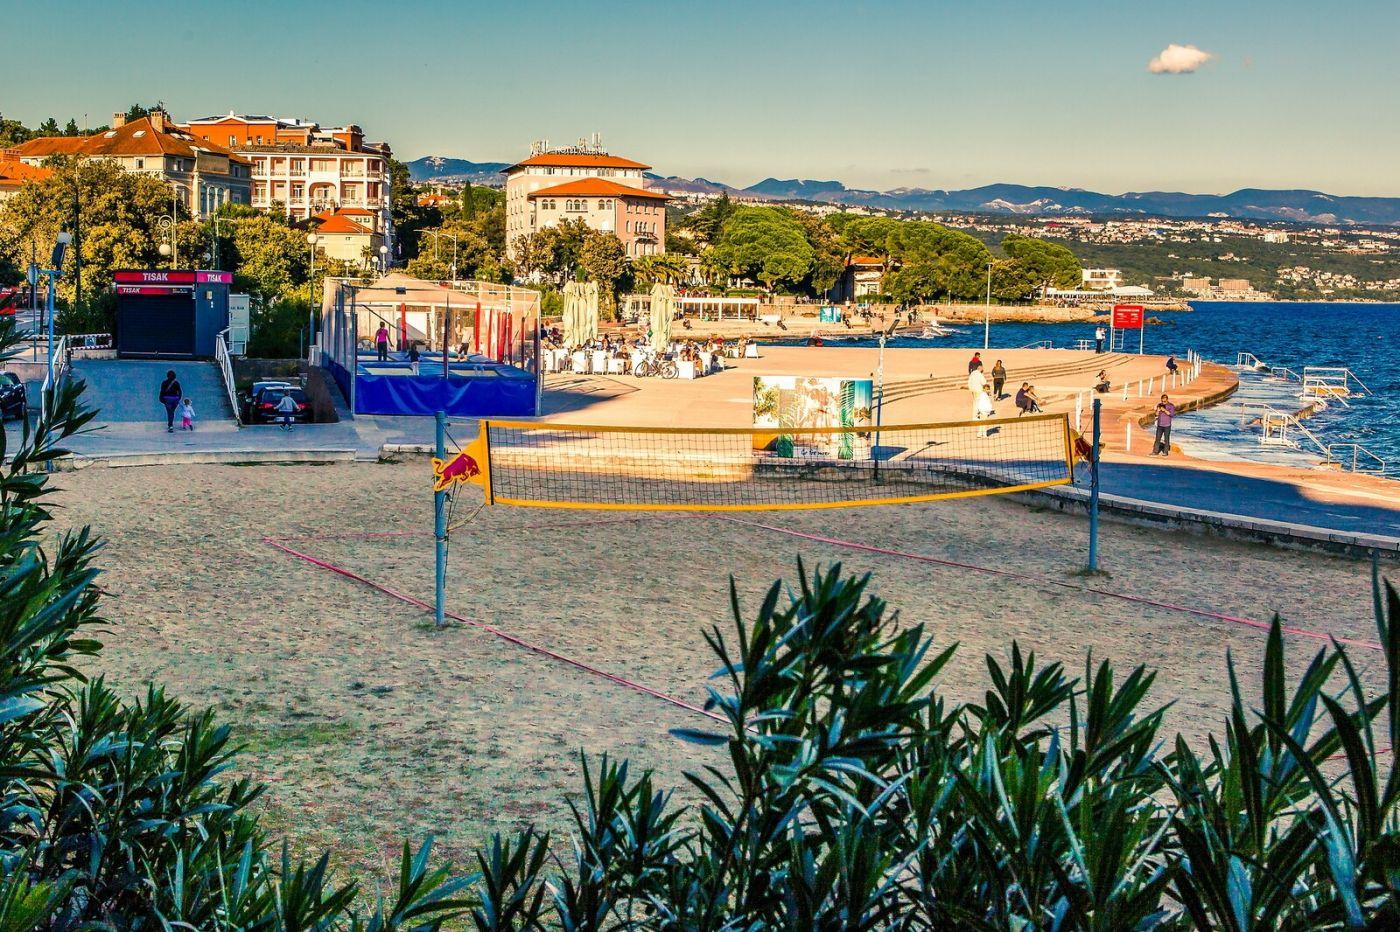 克罗地亚奥帕蒂亚(Opatija),洒满阳光的海滨城市_图1-6